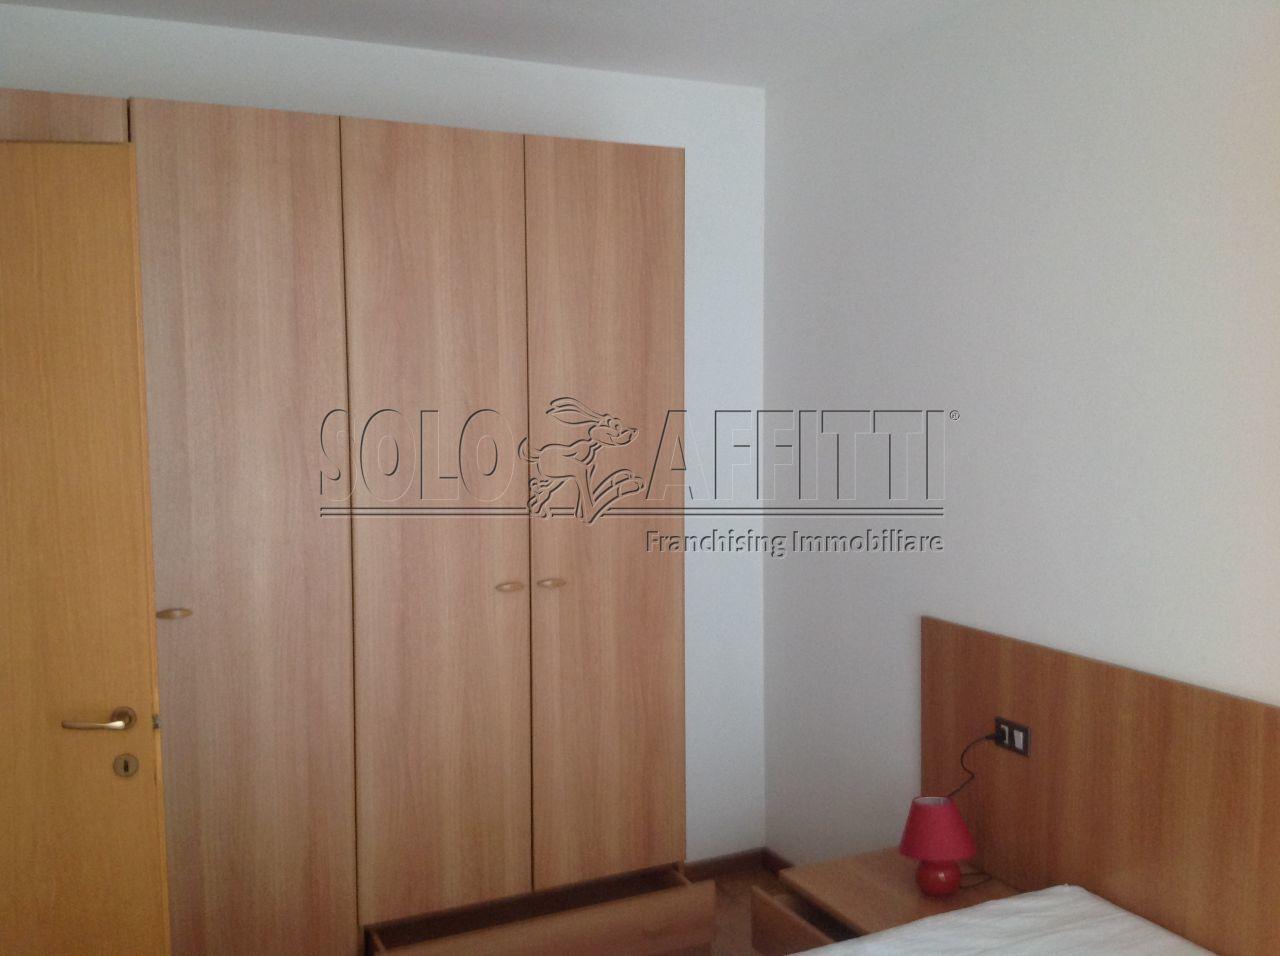 Bilocale Trento Via Guardini 24 10